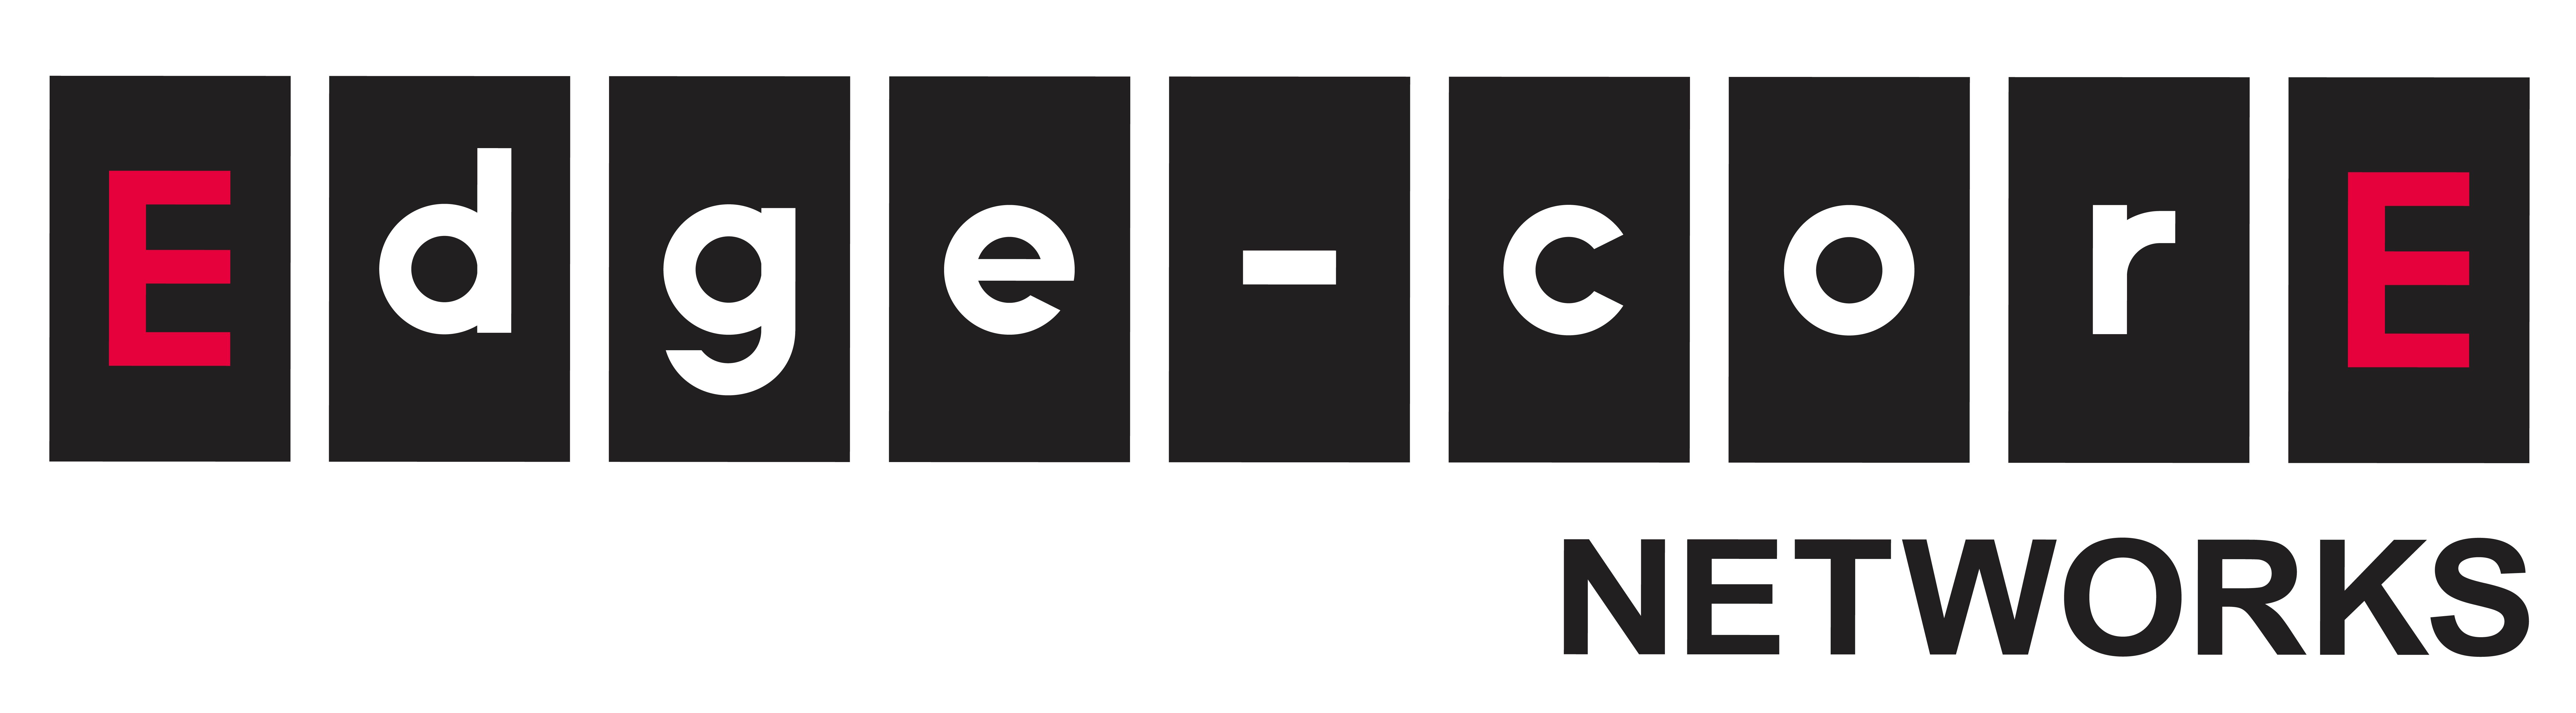 Edgecore Networks Corporation-Logo